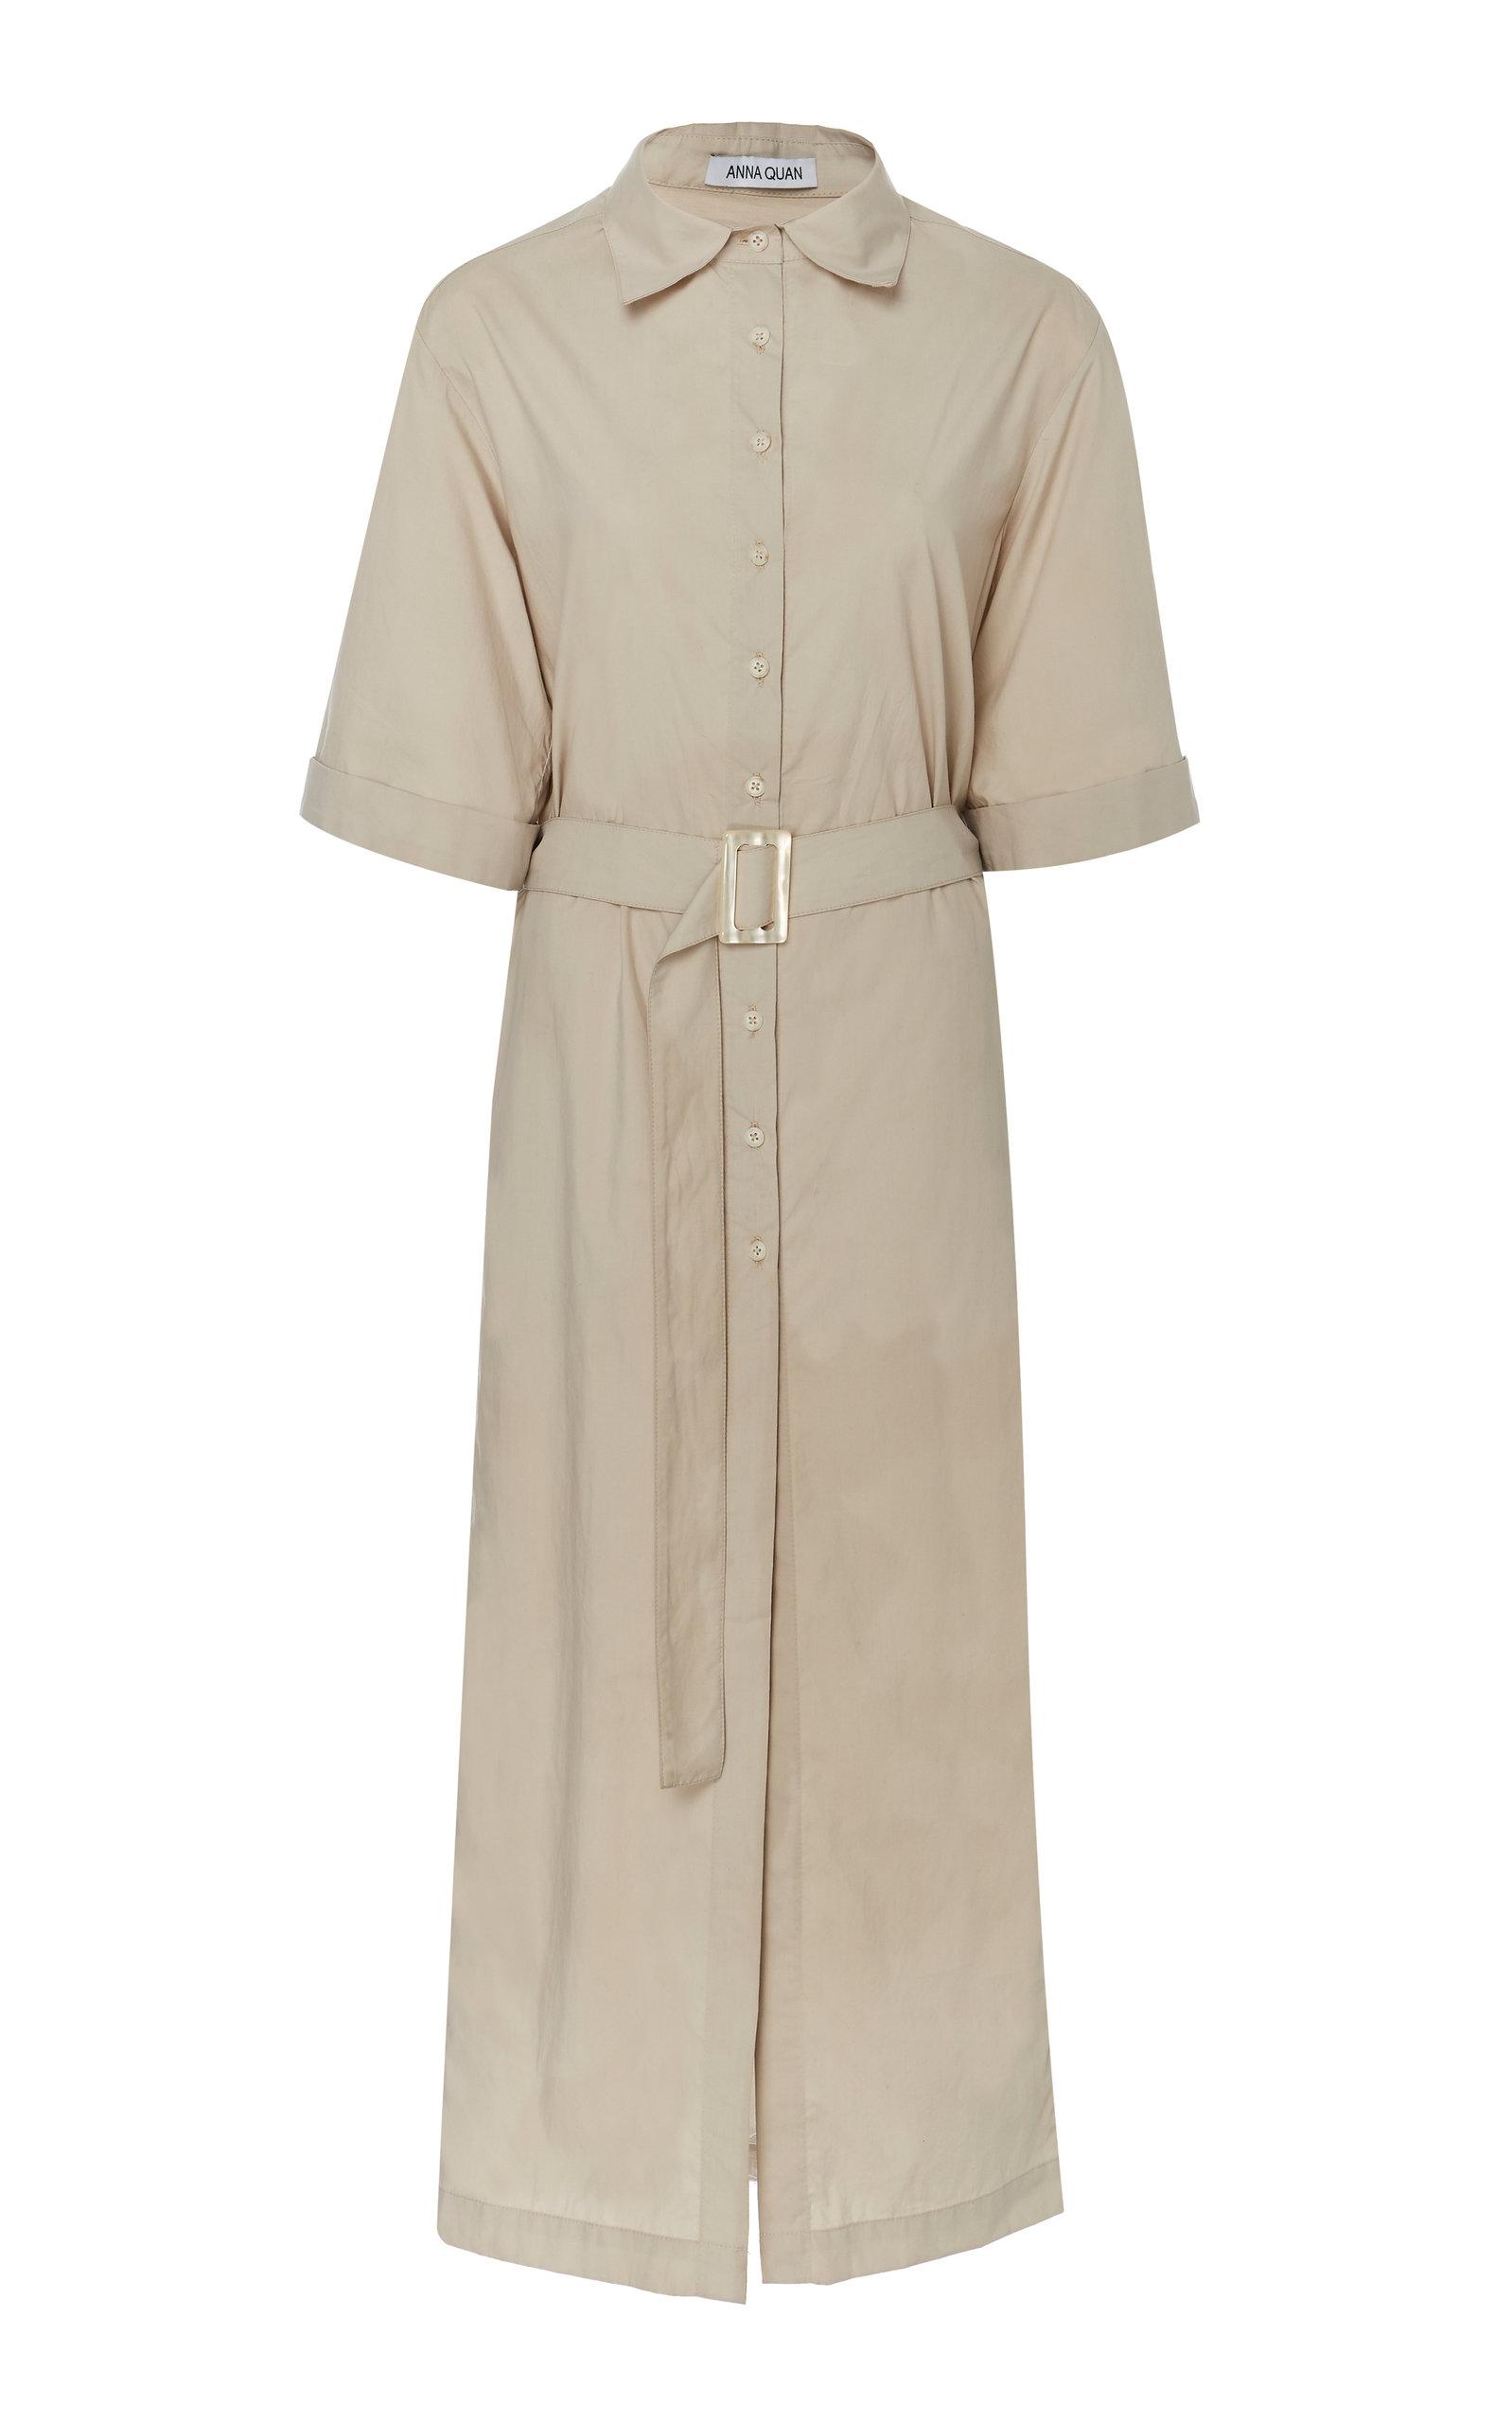 ANNA QUAN Zola Cotton Shirt Dress in Neutral